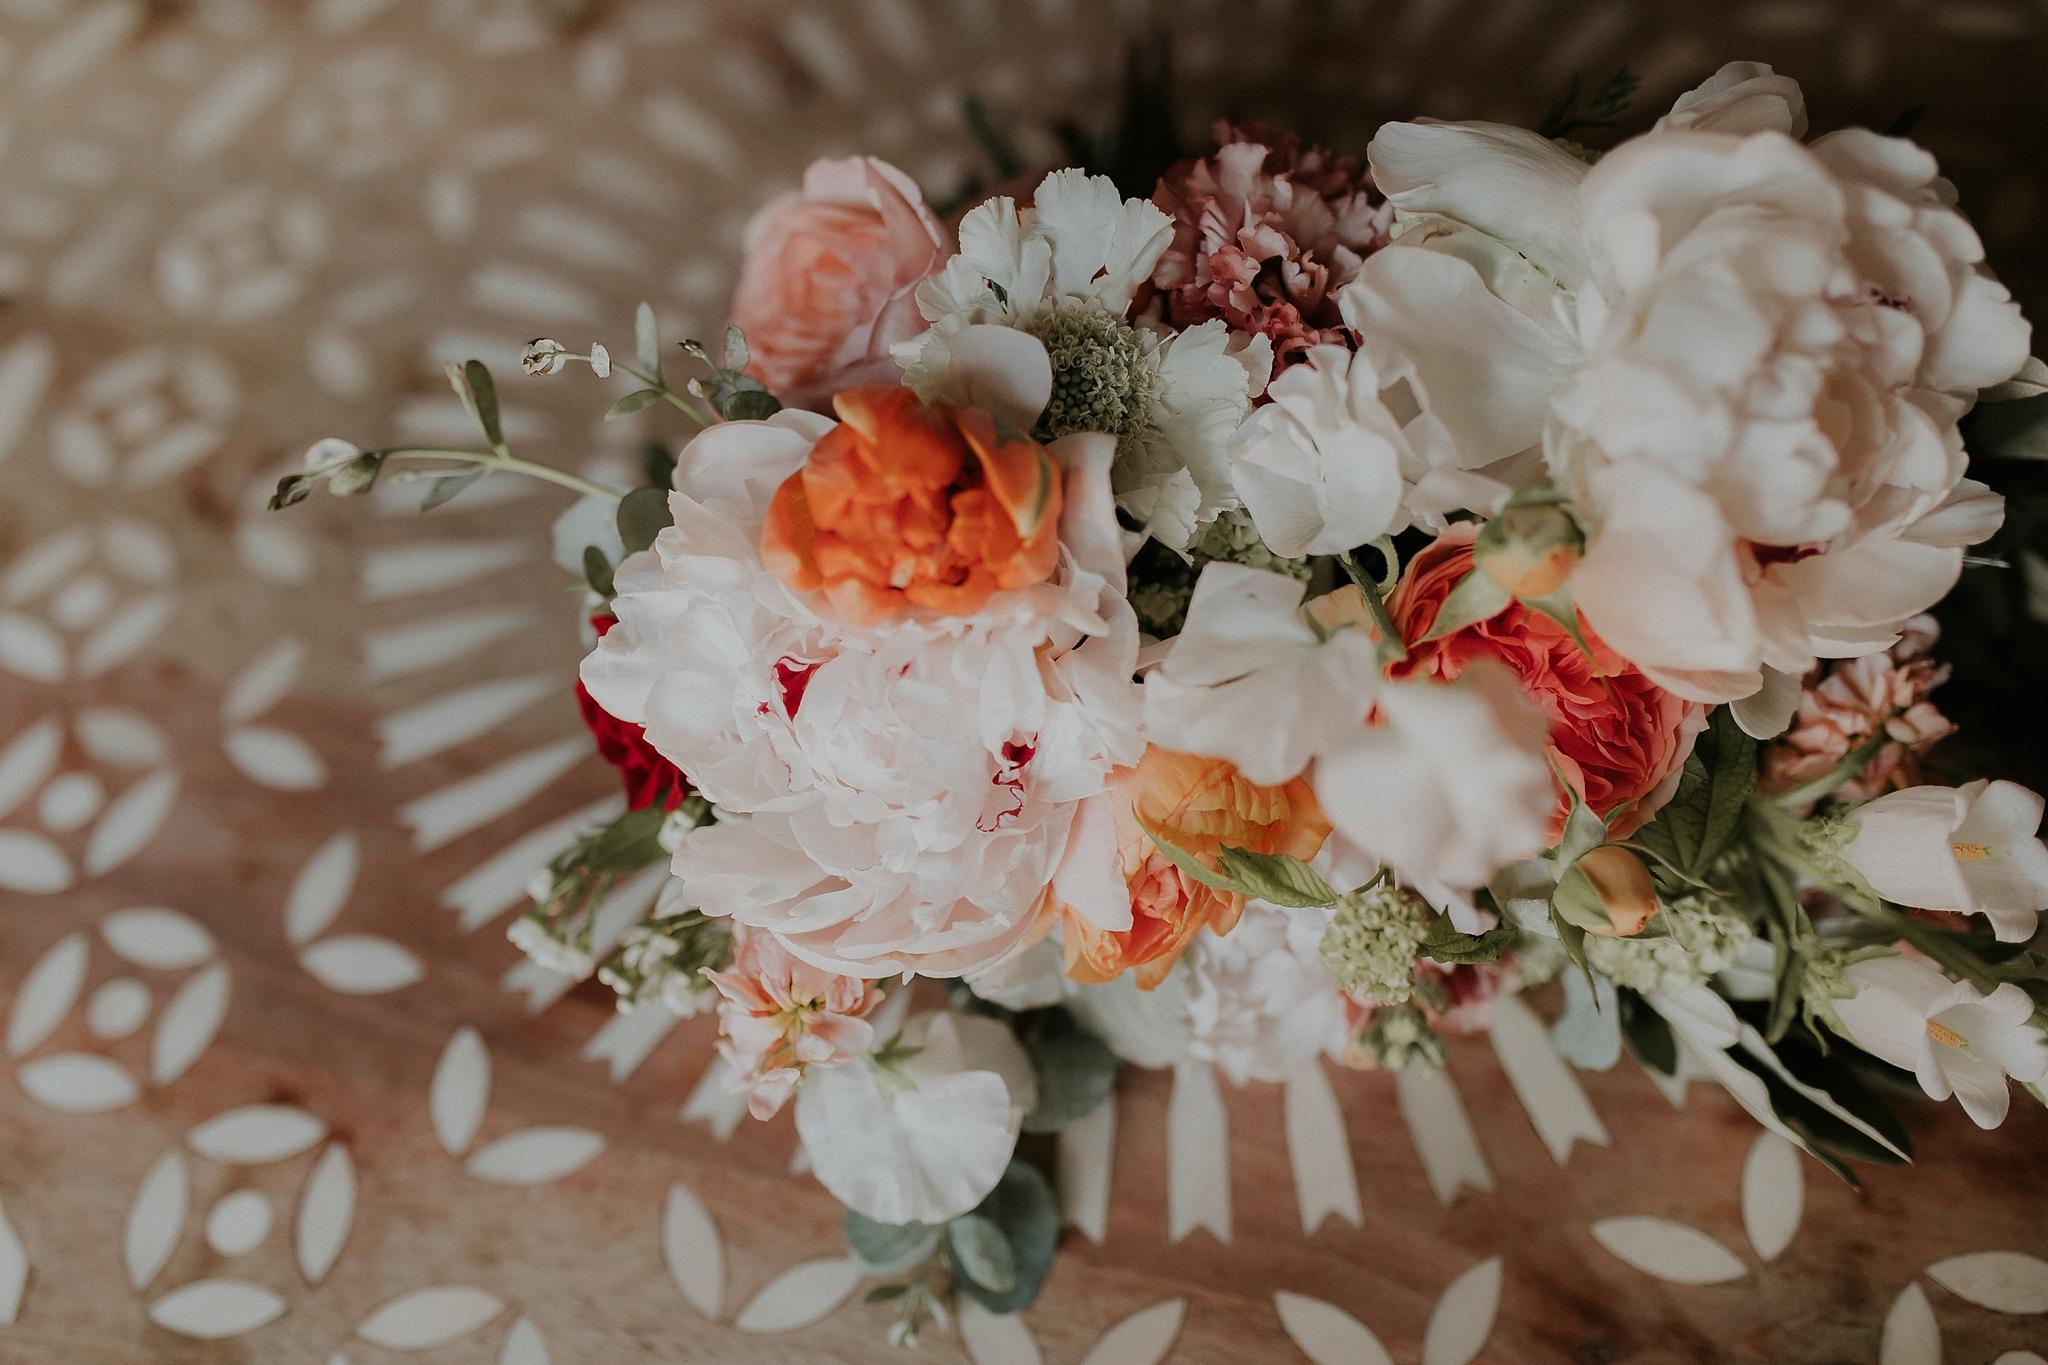 Alicia+lucia+photography+-+albuquerque+wedding+photographer+-+santa+fe+wedding+photography+-+new+mexico+wedding+photographer+-+new+mexico+wedding+-+new+mexico+florist+-+floriography+flowers+-+floriography+flowers+new+mexico+-+wedding+florist_0103.jpg